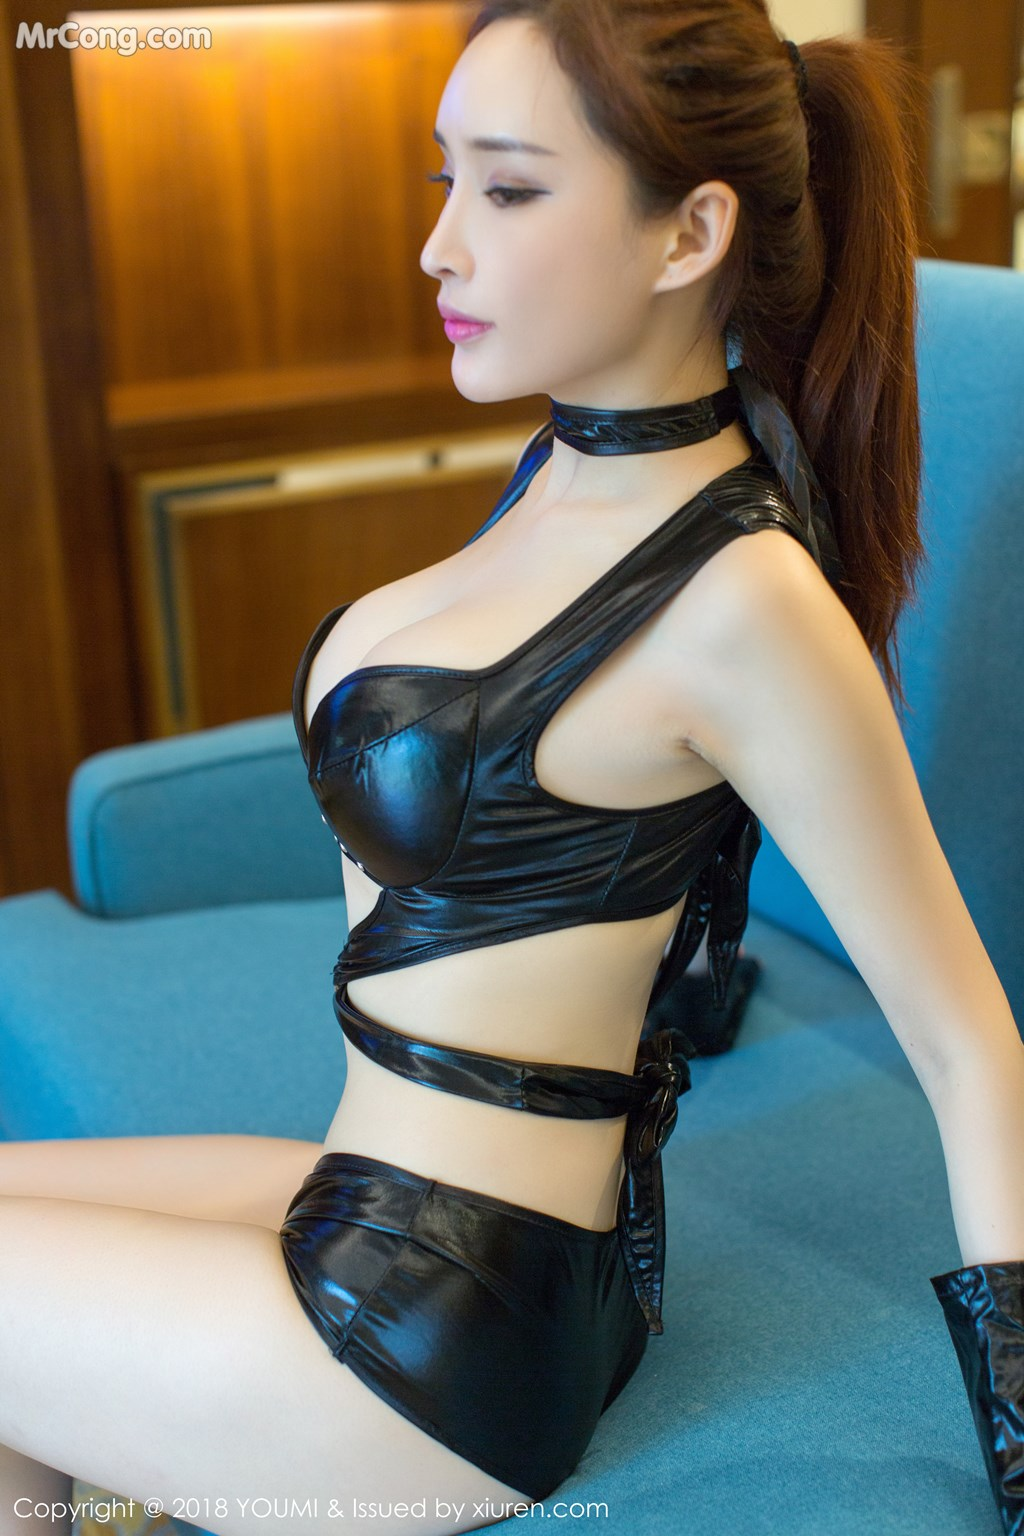 Image YouMi-Vol.118-Tu-Fei-Yuan-Ai-Cuo-Qiong-MrCong.com-005 in post YouMi Vol.118: Người mẫu 土肥圆矮挫穷 (49 ảnh)